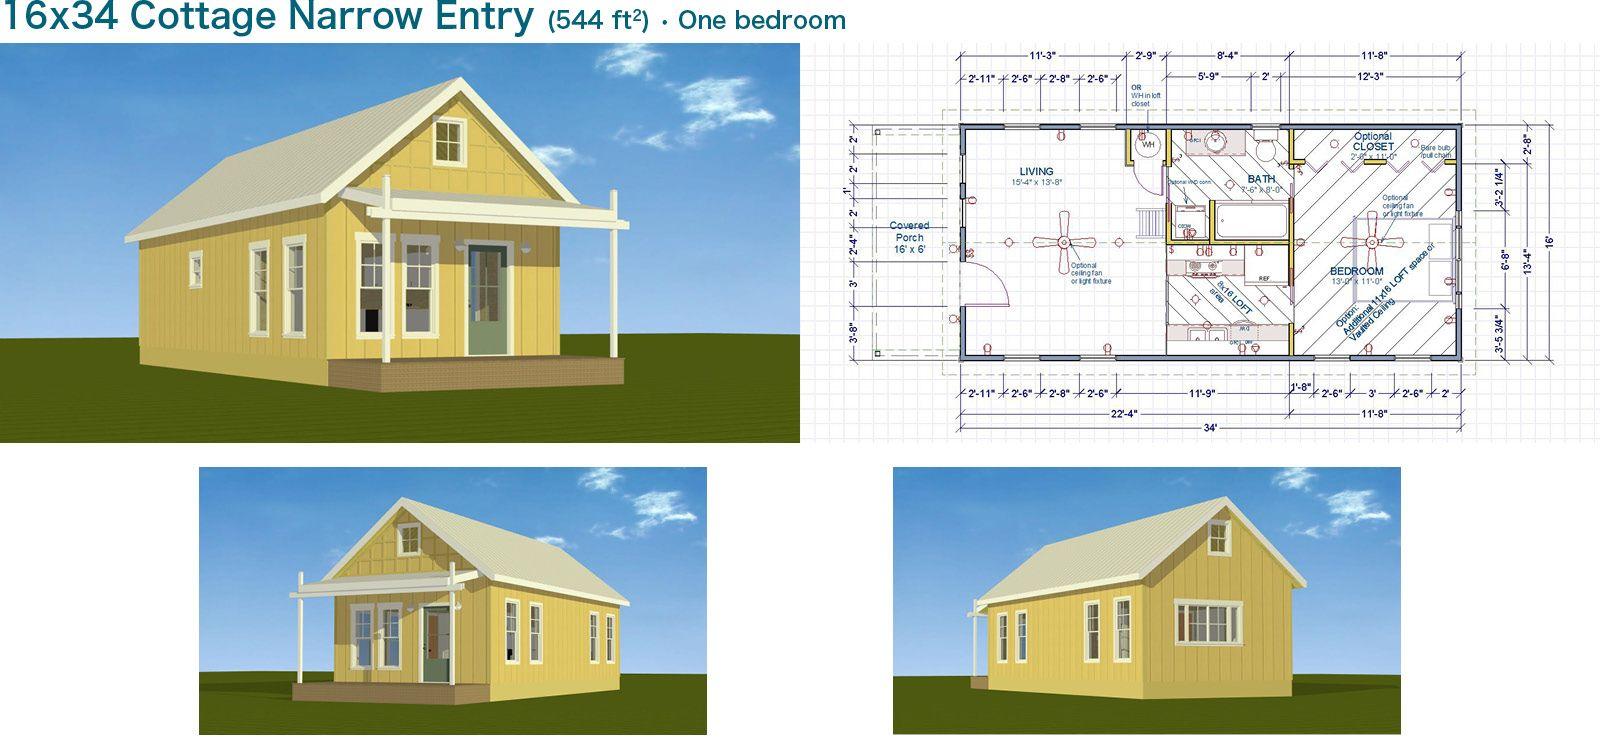 16x34 cottage narrow entry 544 sq ft tiny cabin tiny small